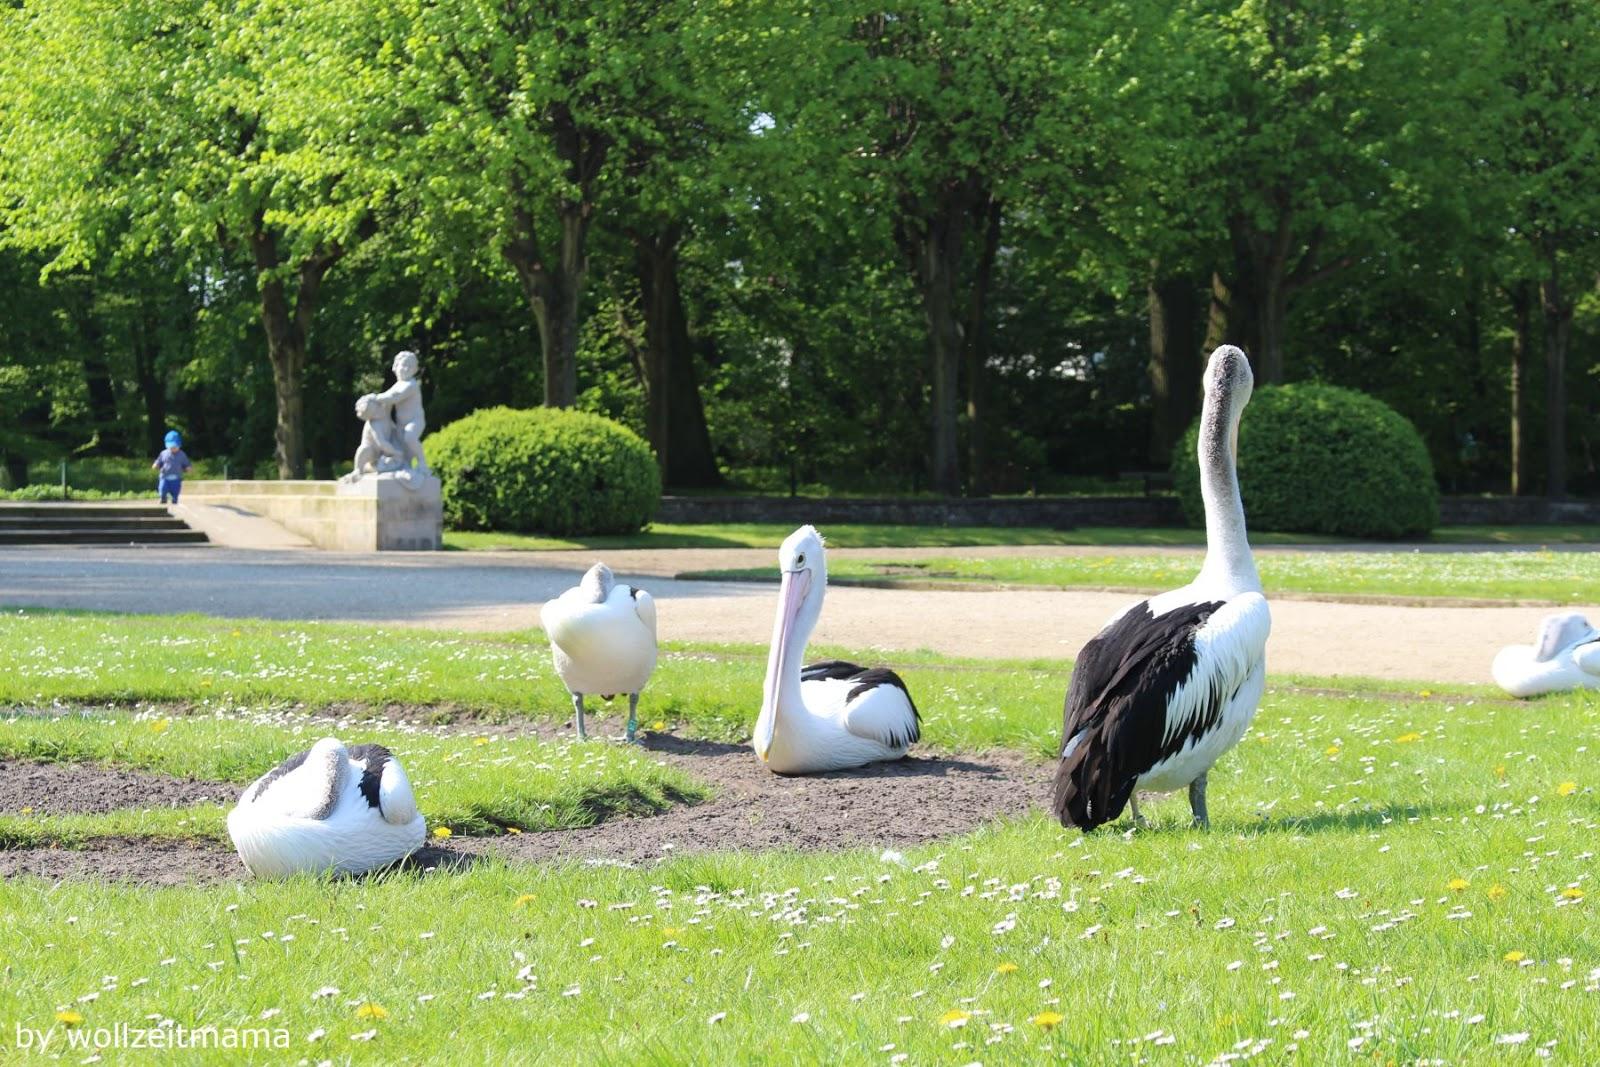 Ausflugstipp : Tierpark Berlin, einer der Lieblingsorte von wollzeitmama